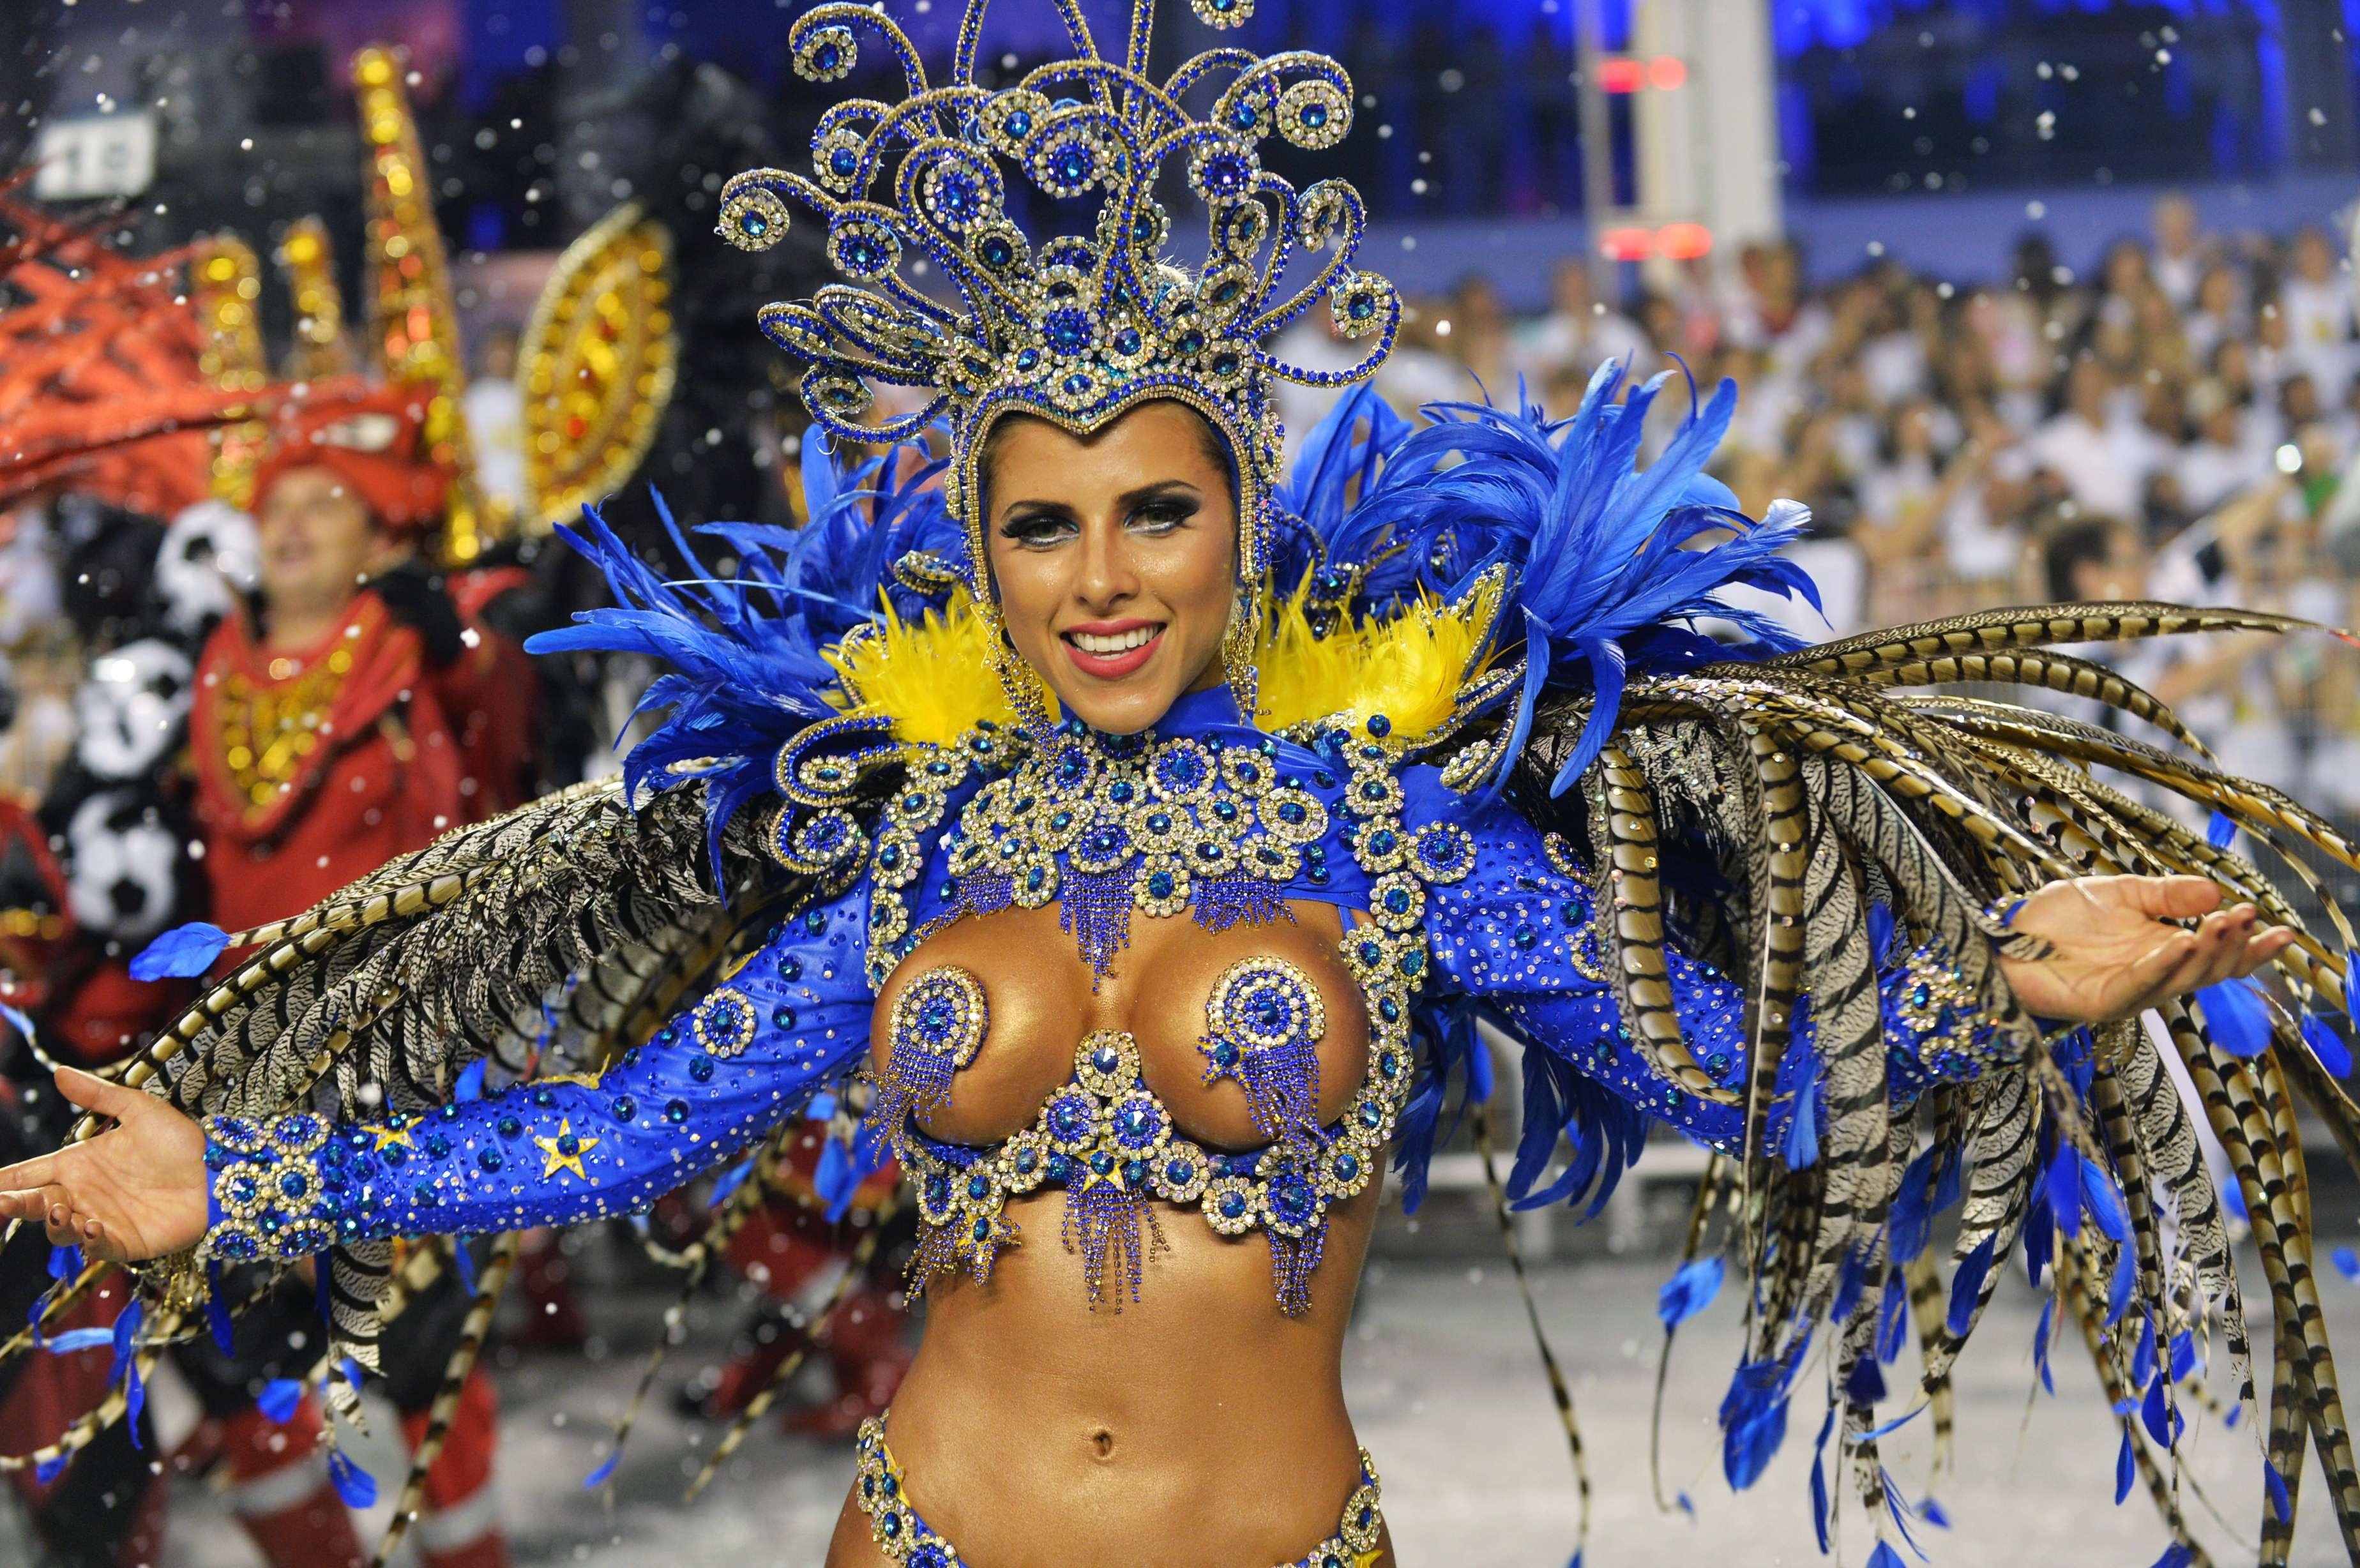 Якобы повышенный уровень преступности в городе во время карнавала, часто цитируемый в прессе, является несколько относительным